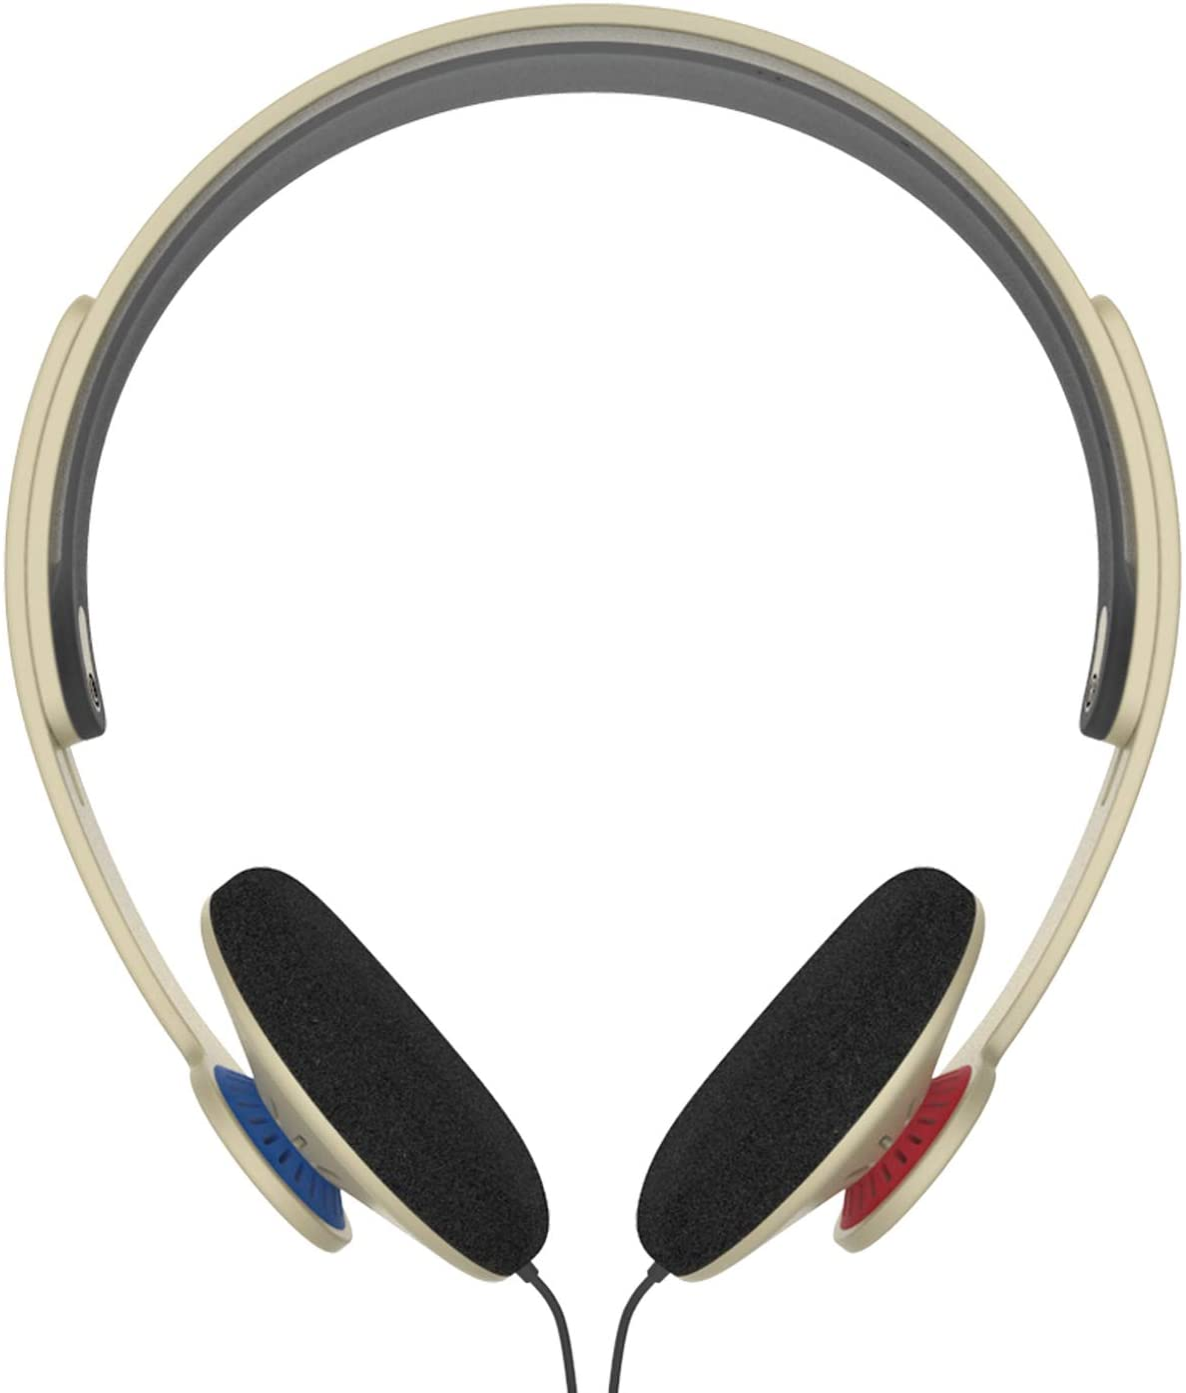 Koss Kph30i On Ear Kopfhörer In Line Mikrofon Und Touch Fernbedienung D Profil Design Verkabelt Mit 3 5 Mm Stecker Rhythm Beige Audio Hifi